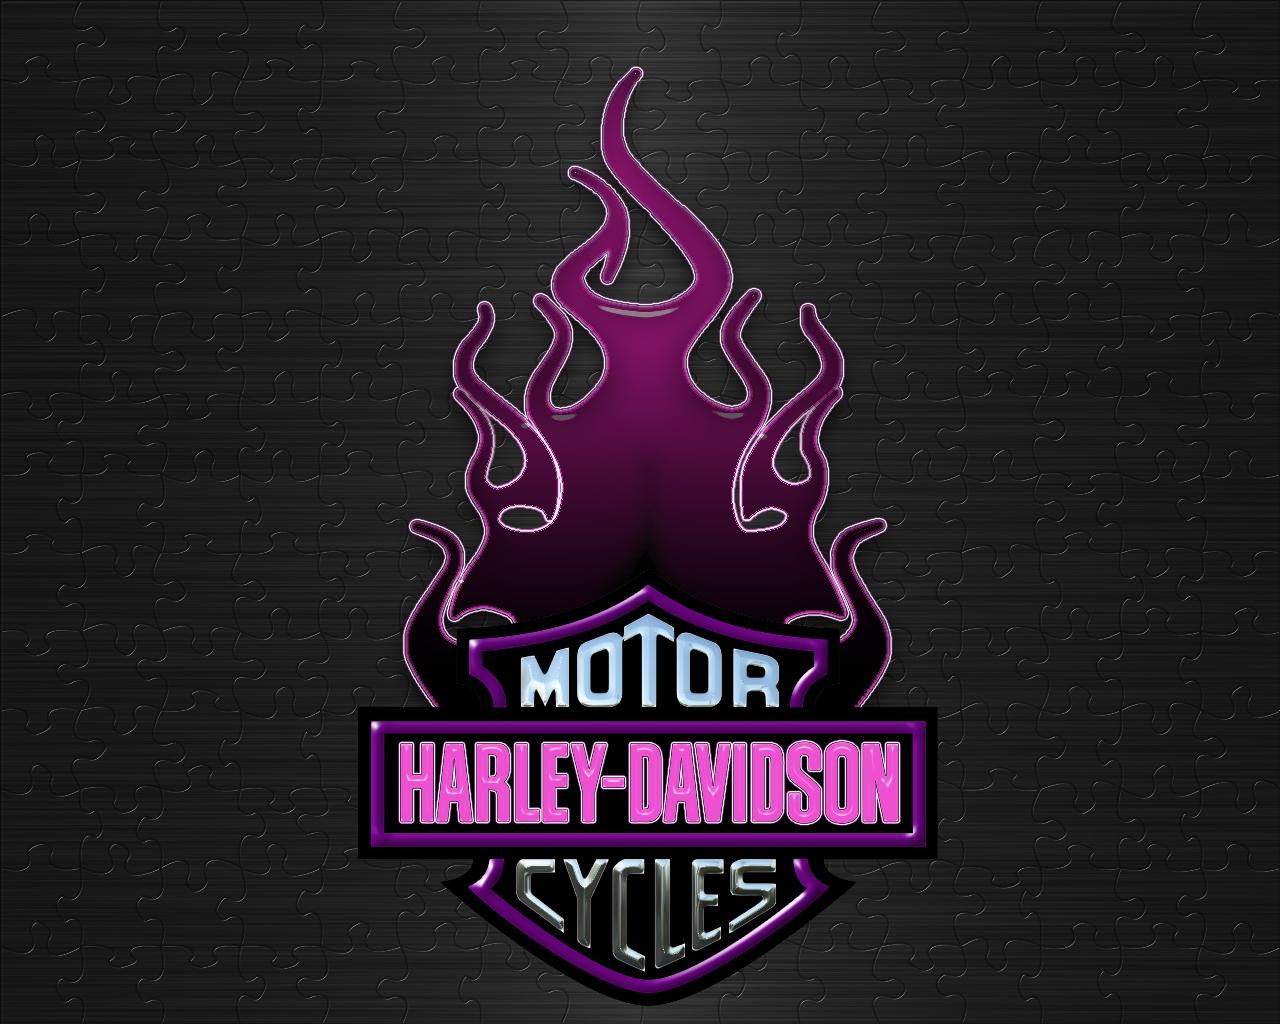 Free Download Purple Harley Davidson Logo Wallpaper